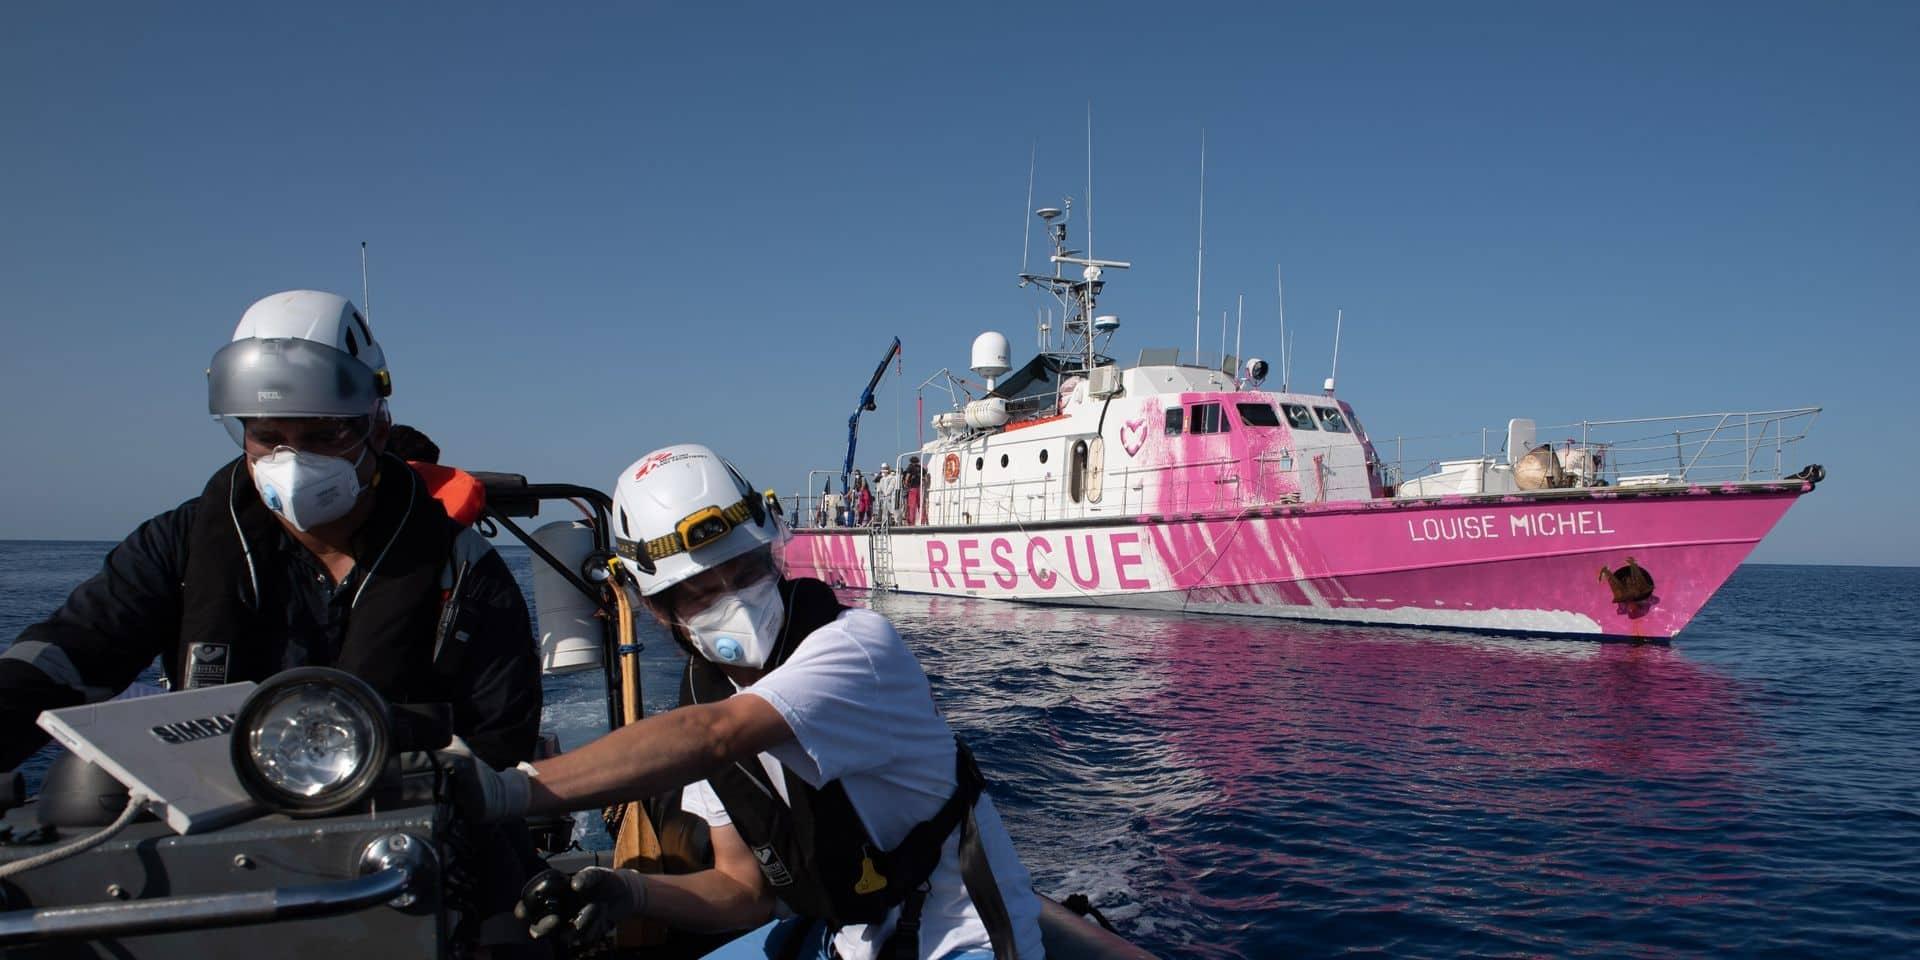 Le bateau humanitaire de Banksy appelle à l'aide après un sauvetage massif de migrants en Méditerranée, un mort à bord